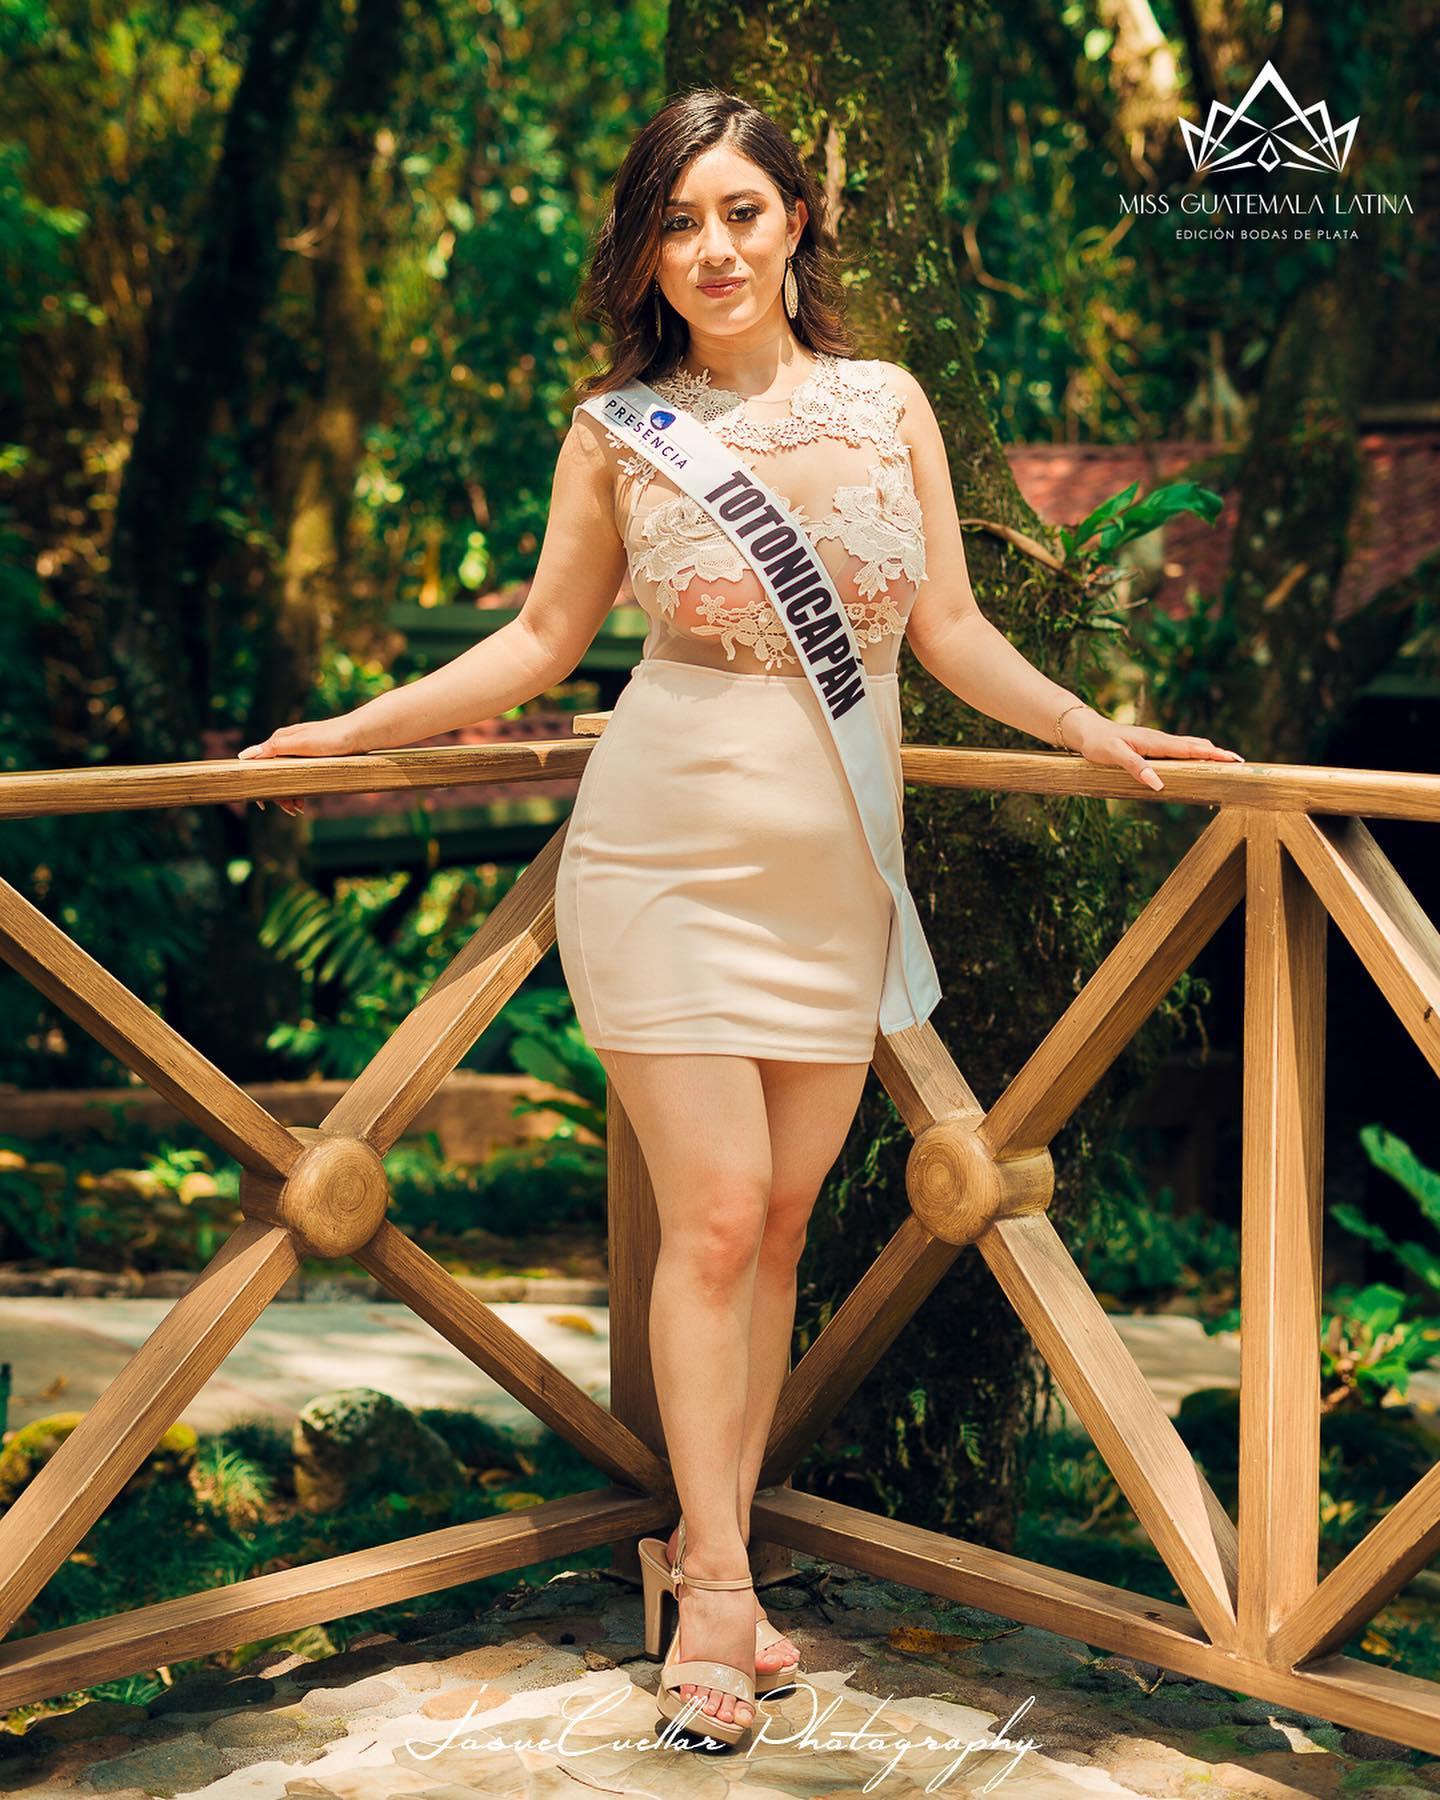 candidatas a miss guatemala latina 2021. final: 30 de abril. - Página 11 BFNM4p